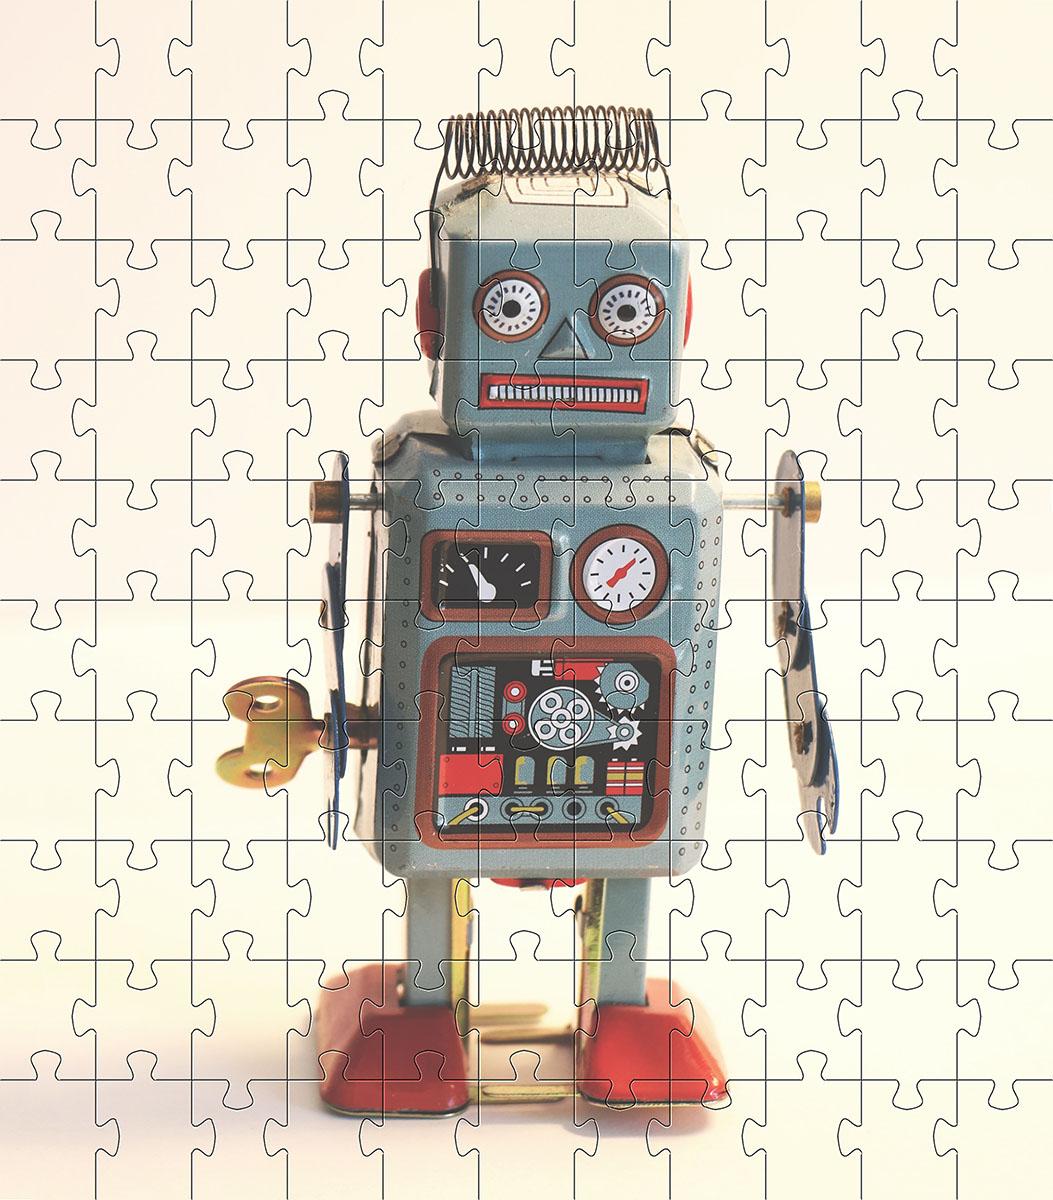 Quebra cabeça infantil para Crianças - Tema Brinquedos - 24 peças